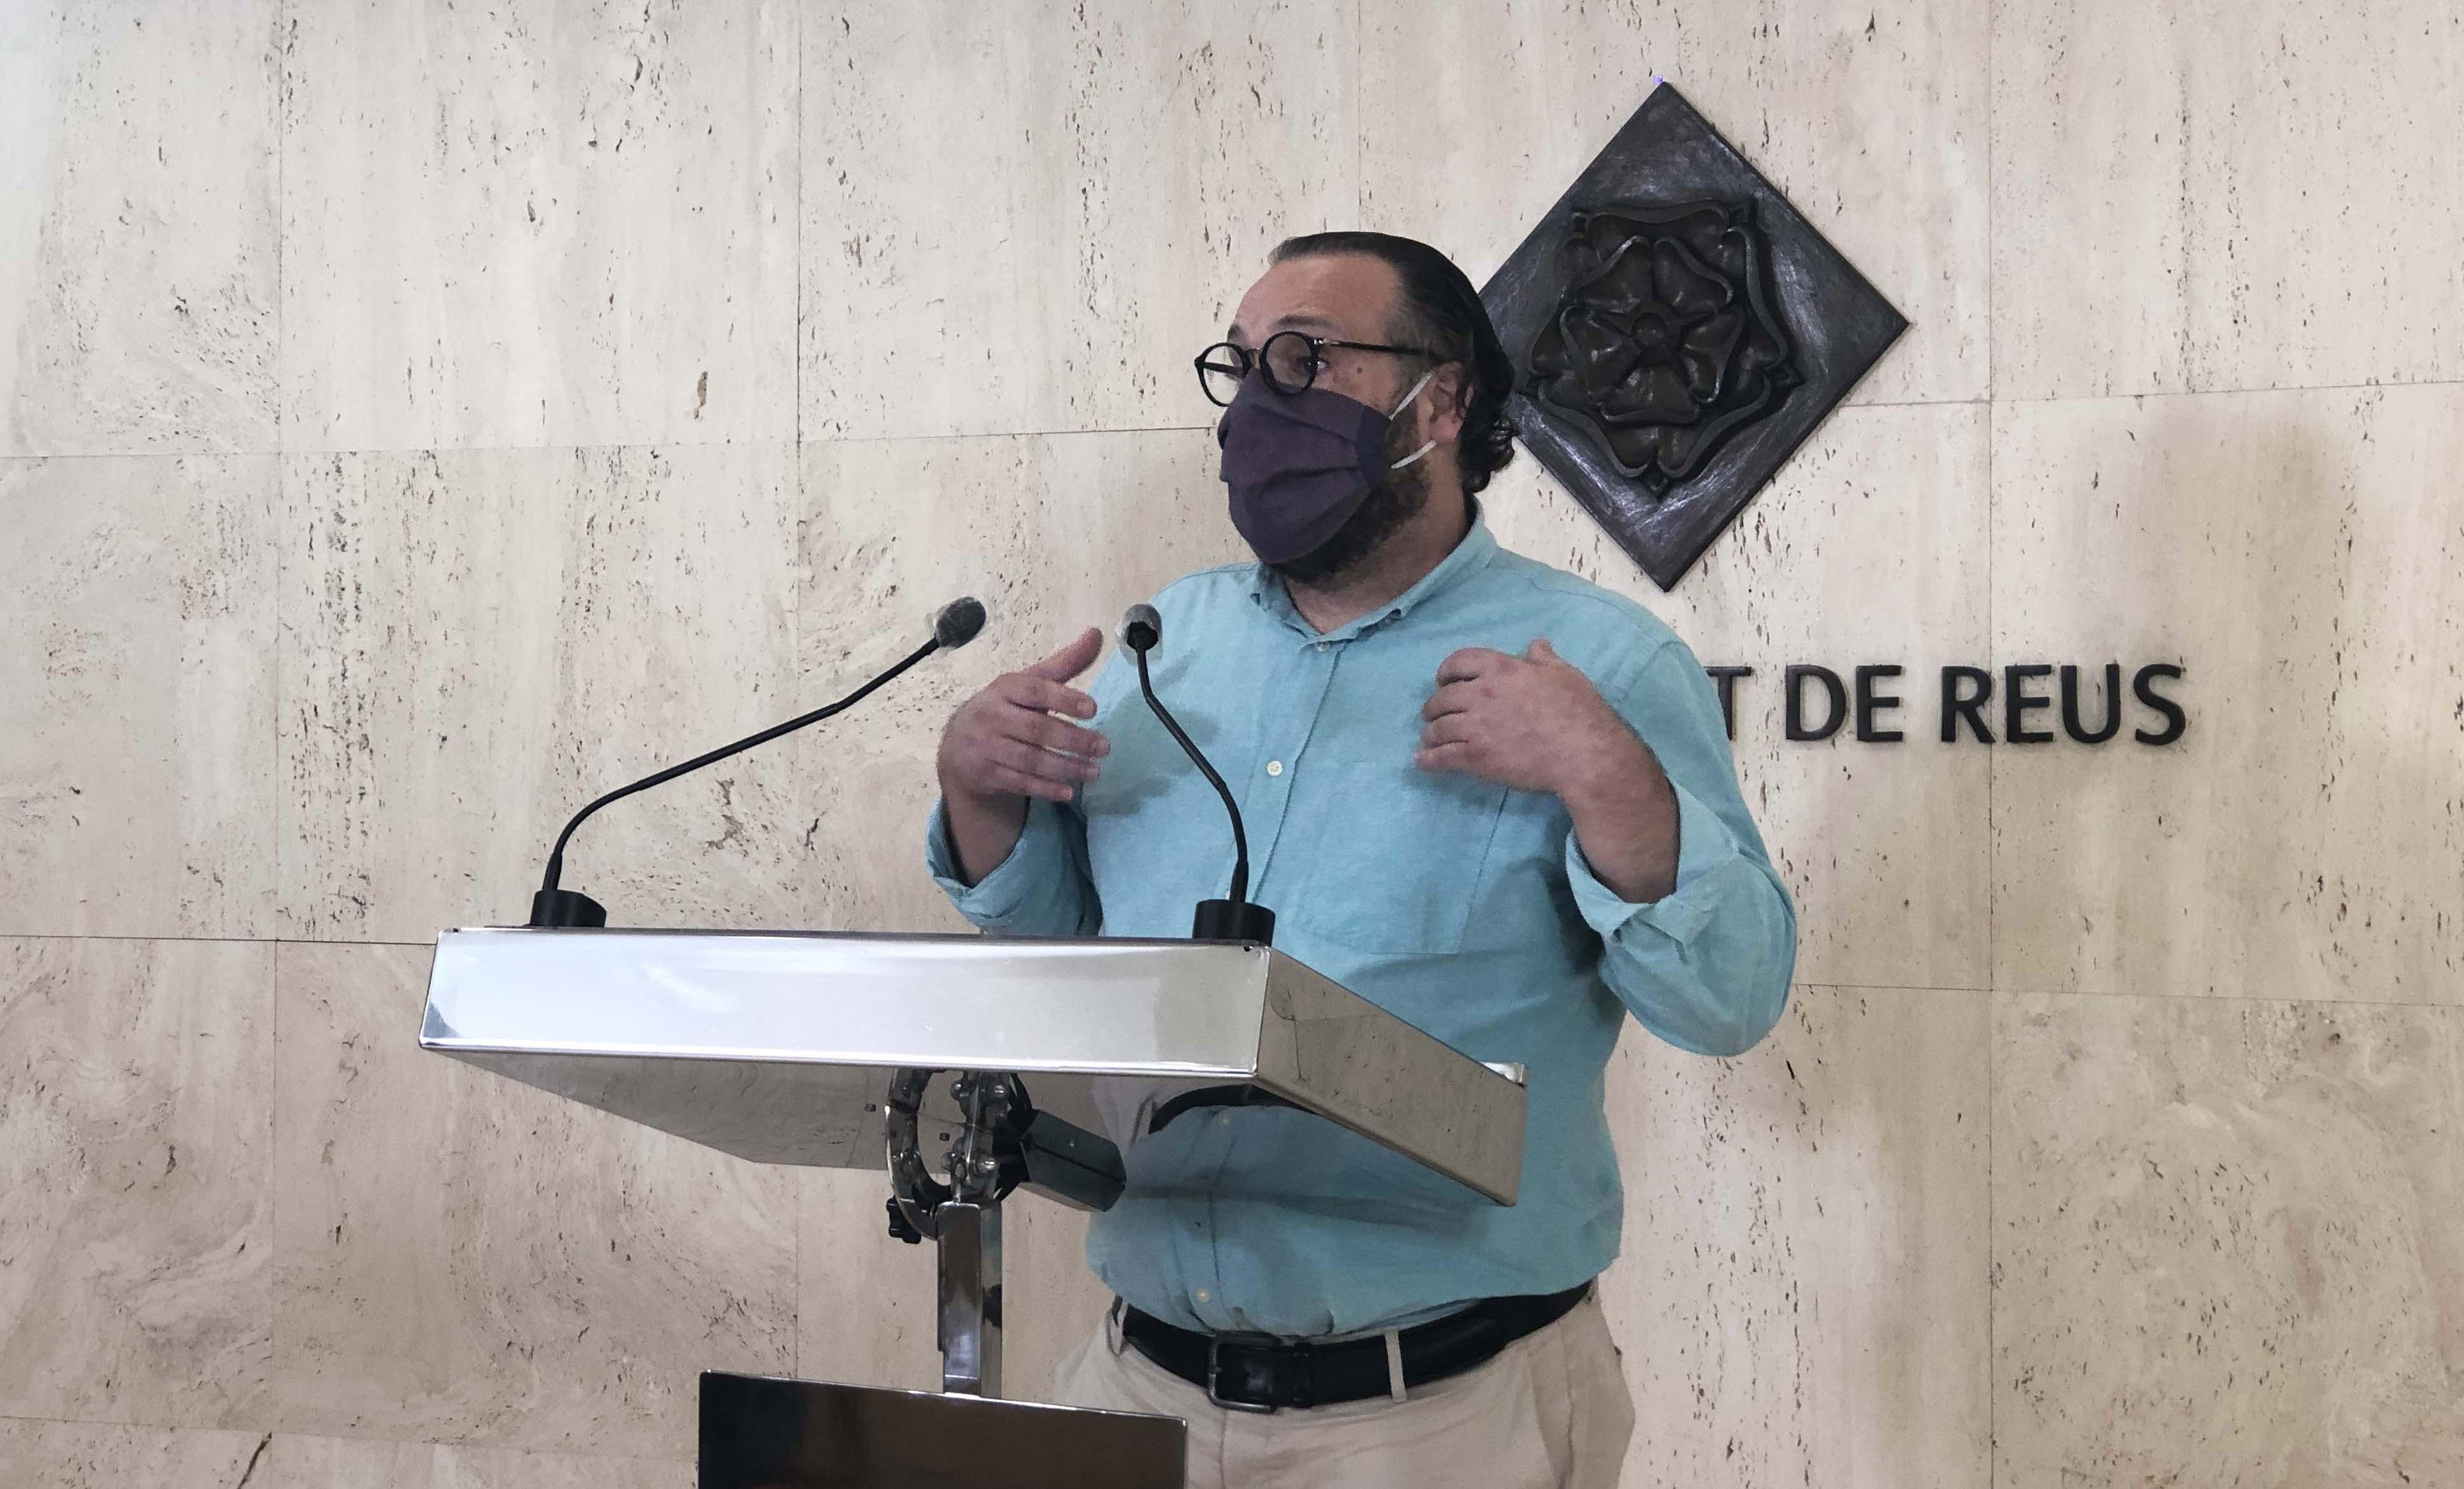 L'Ajuntament de Reus implantarà mesures complementàries per reduir el risc de contagis als centres educatius de la ciutat, coincidint a...